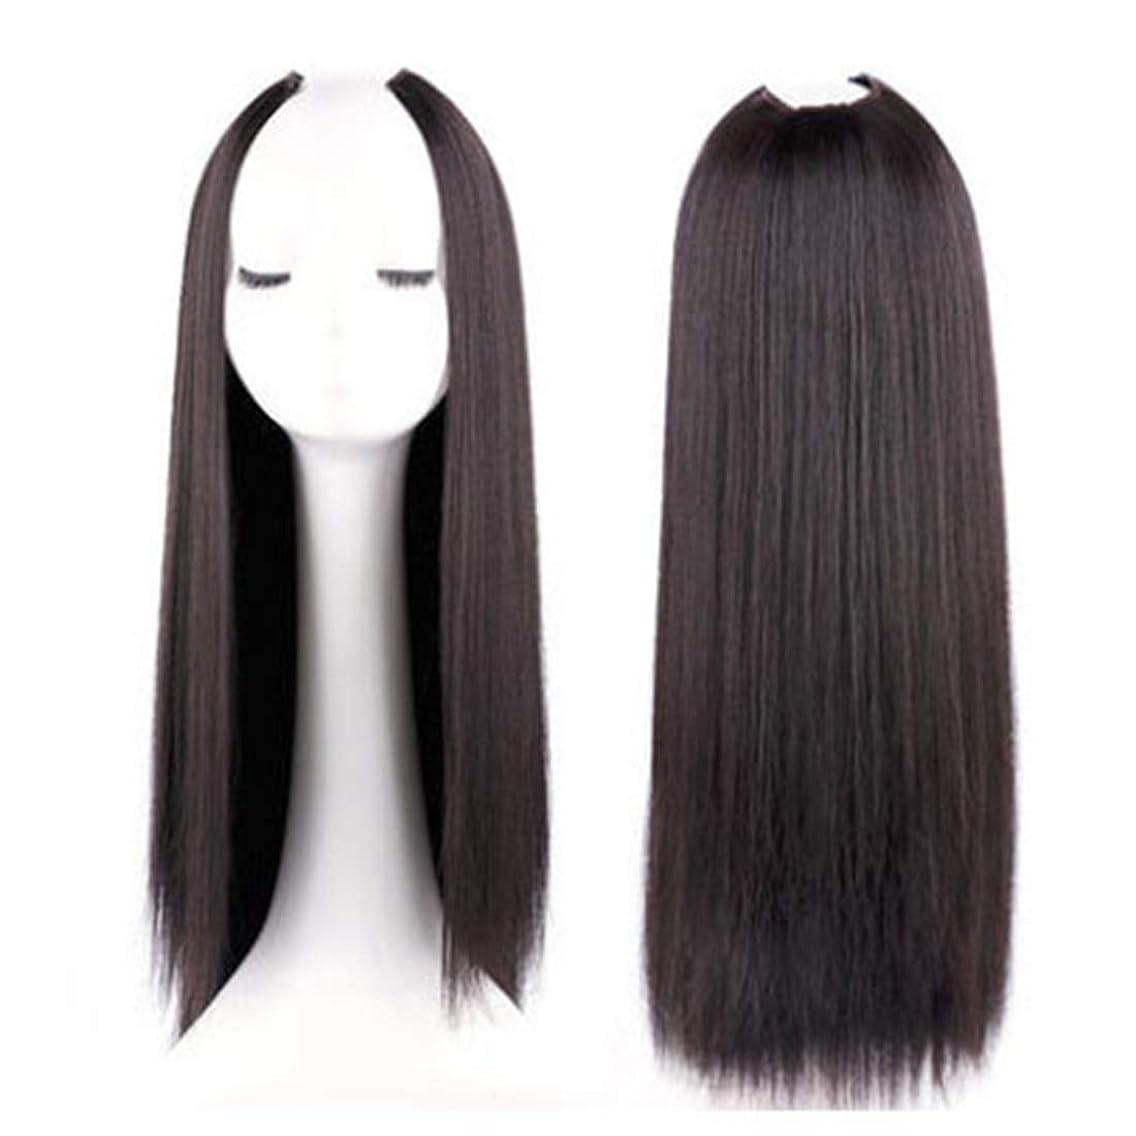 分析的失う方言Yrattary U字型かつらハーフヘッドセット女性の長いストレートヘア目に見えない痕跡化学繊維かつら合成毛髪のかつらロールプレイングかつら (色 : 黒, サイズ : 65cm)